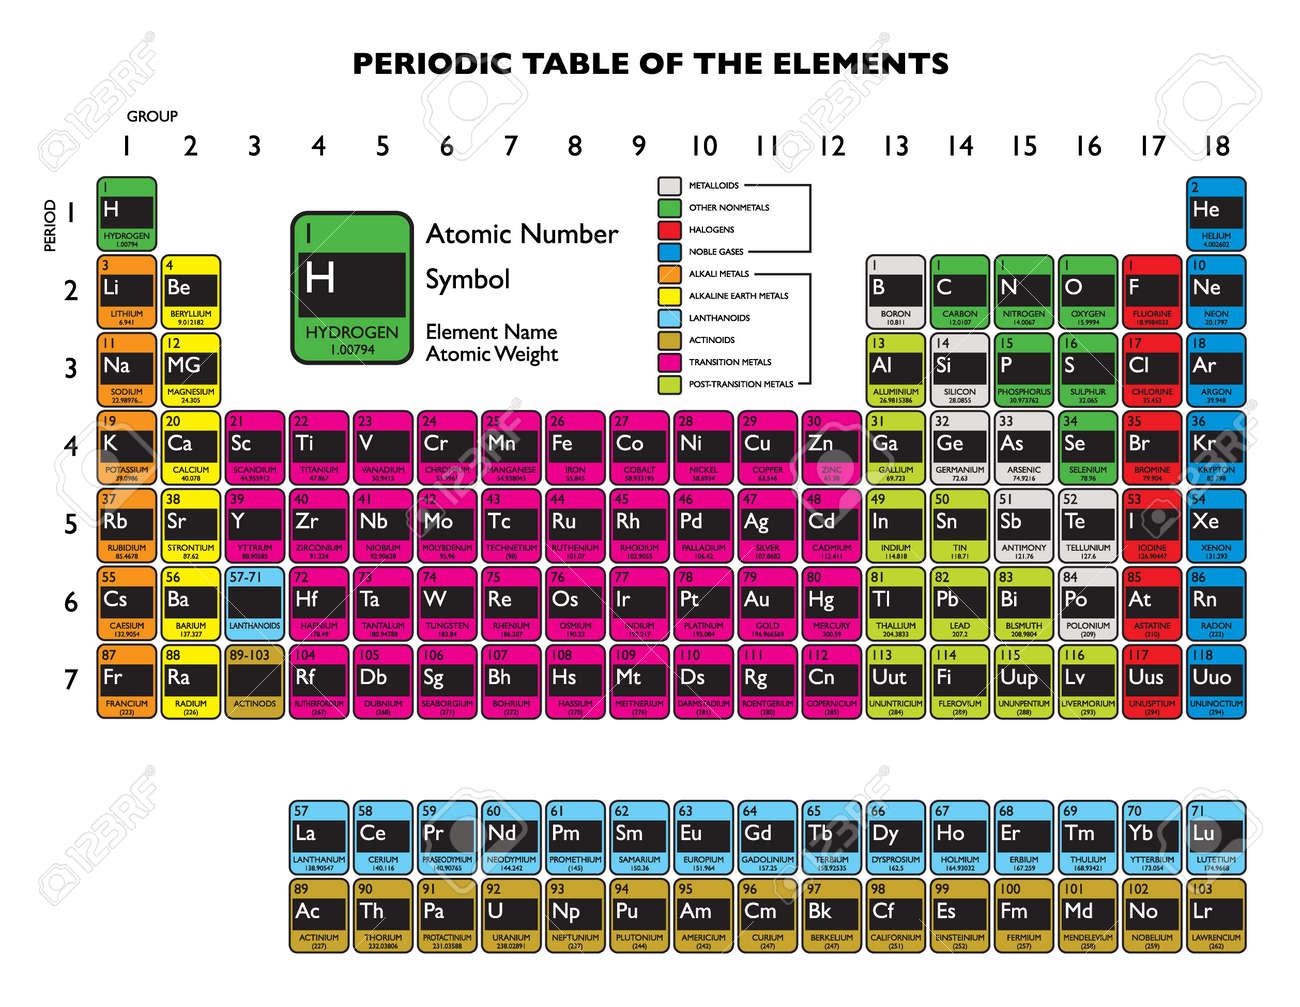 Limpie tabla peridica elemento actualizado en 2011 diciembre fotos foto de archivo limpie tabla peridica elemento actualizado en 2011 diciembre urtaz Choice Image